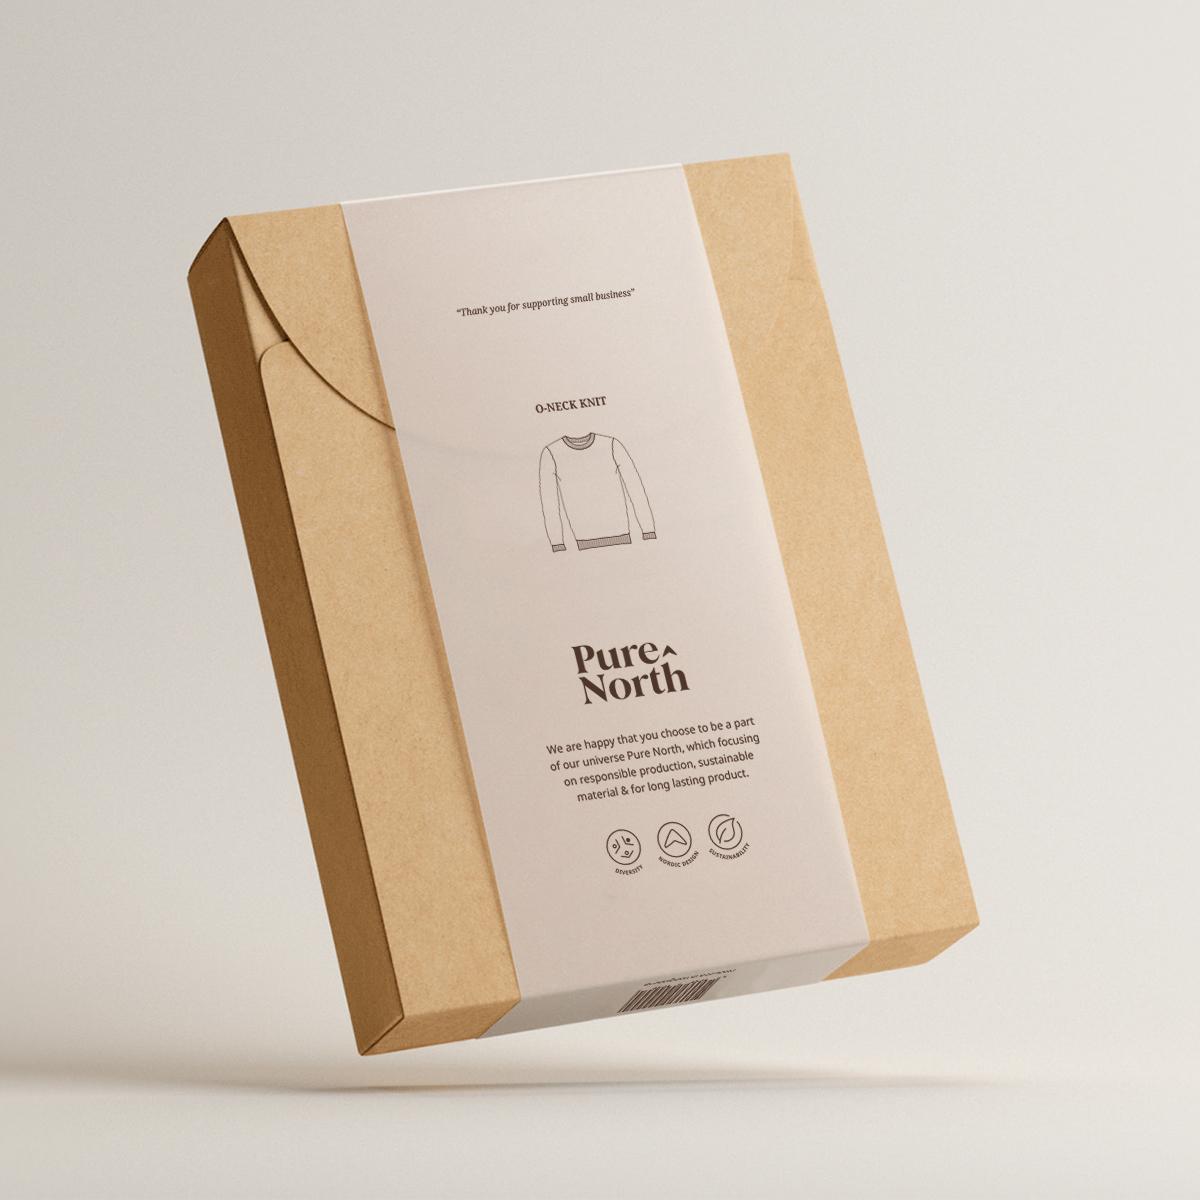 Emballage design til Pure North